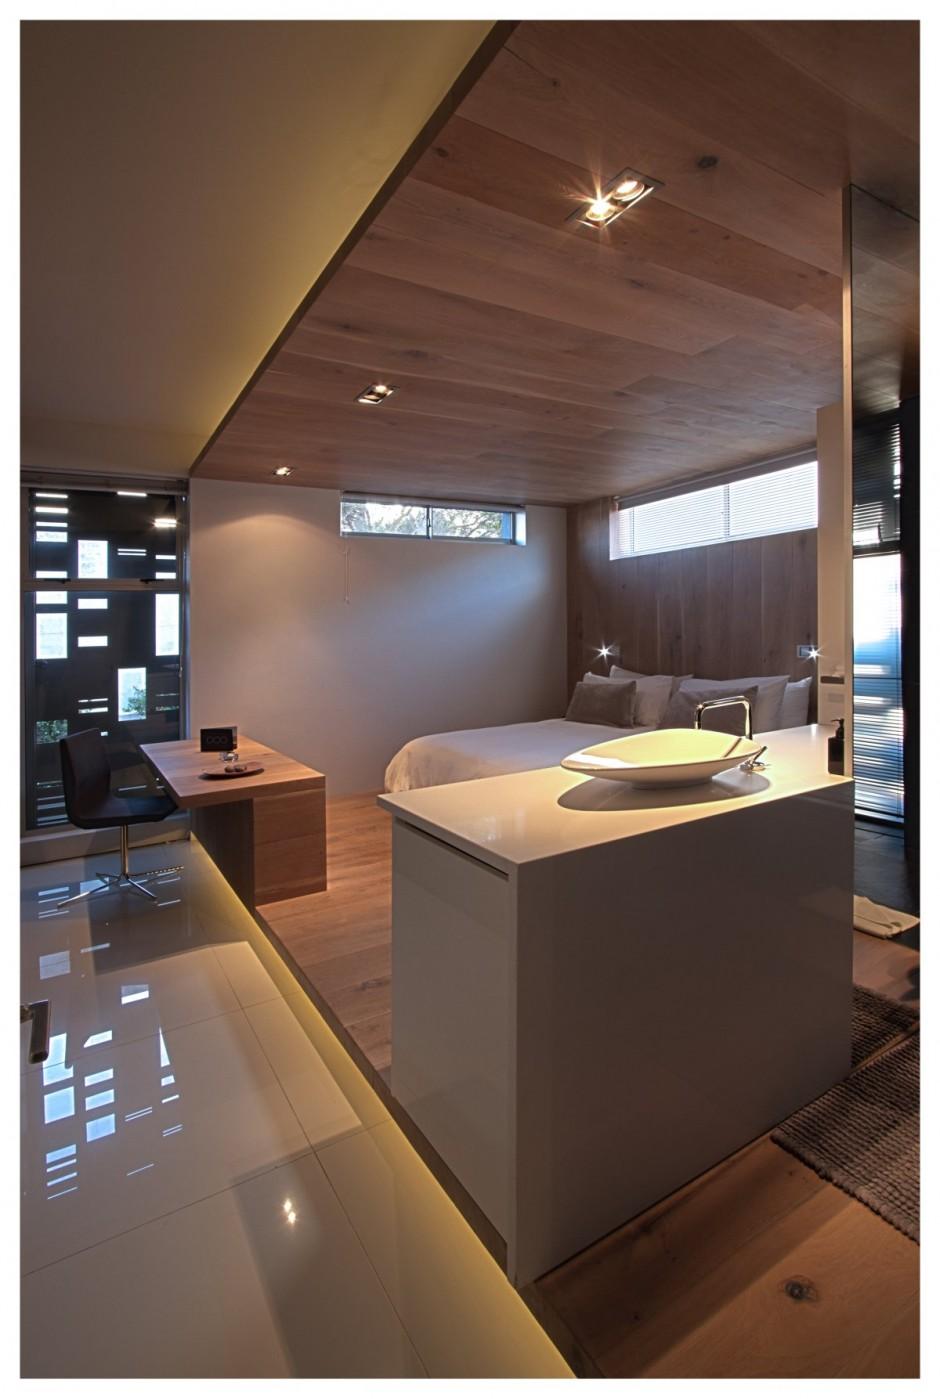 Apcon Office Interior Design